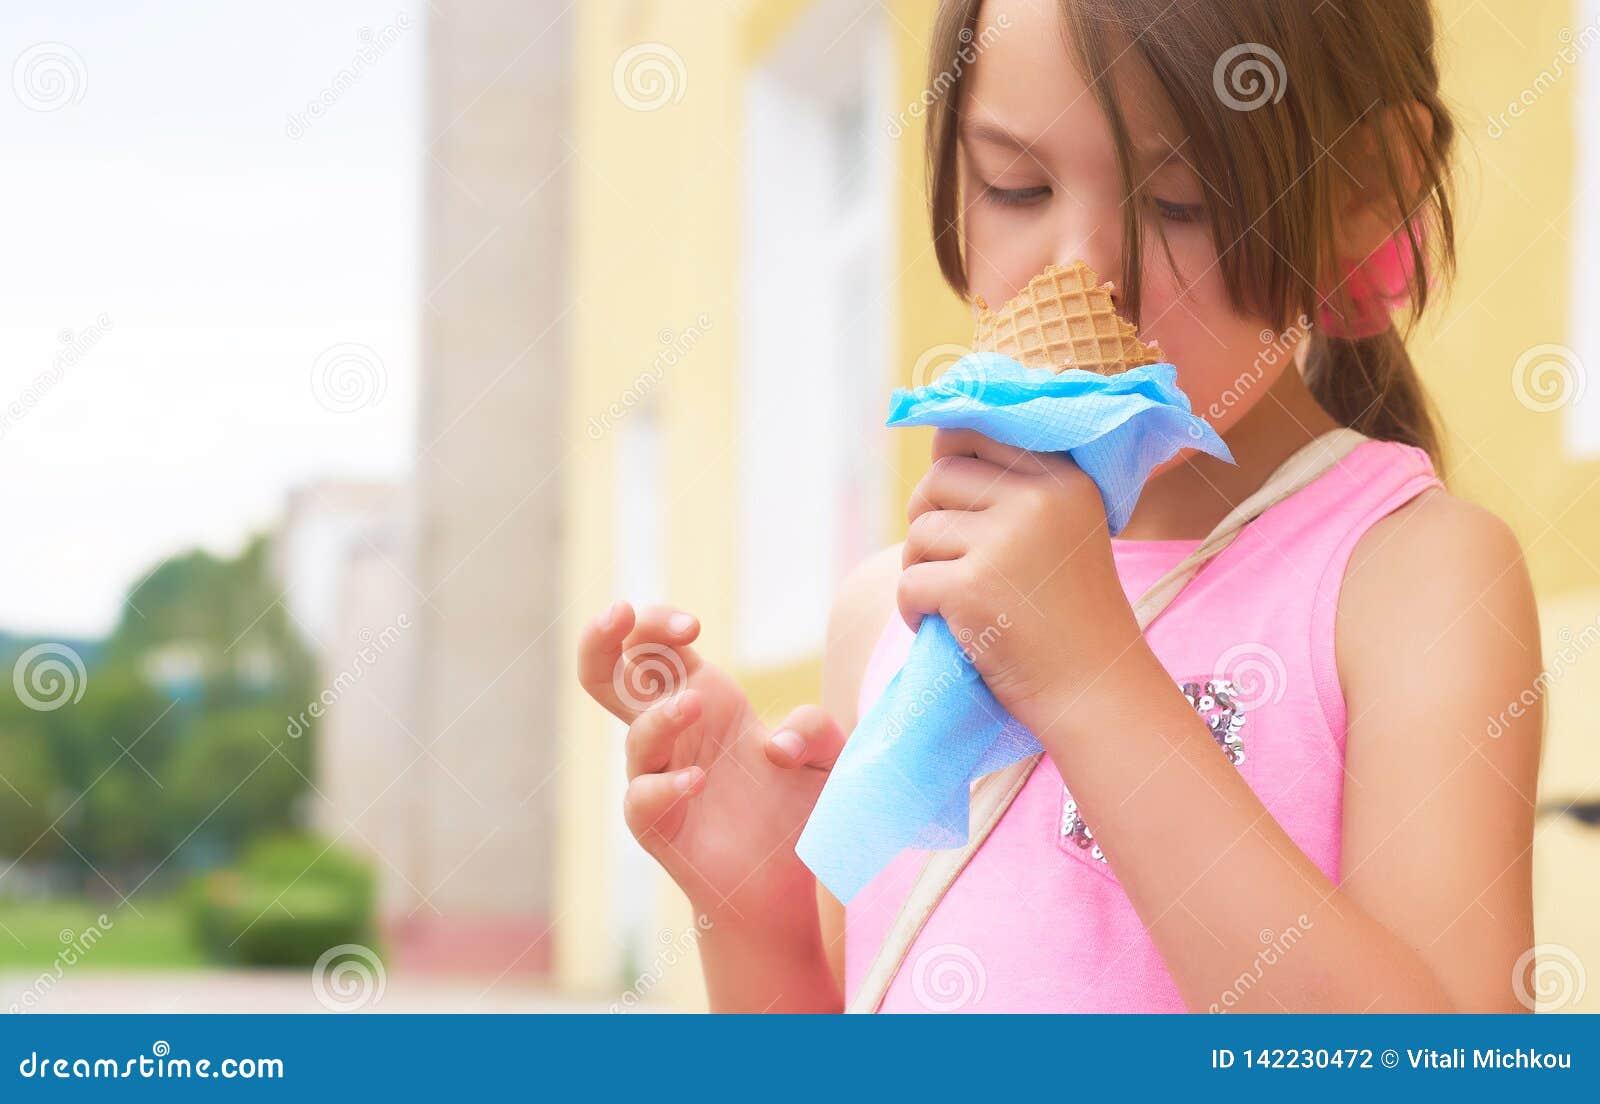 Recht kleines Mädchen, das große Eiscreme im glücklichen Lachen des Waffelkegels auf Naturhintergrund leckend isst